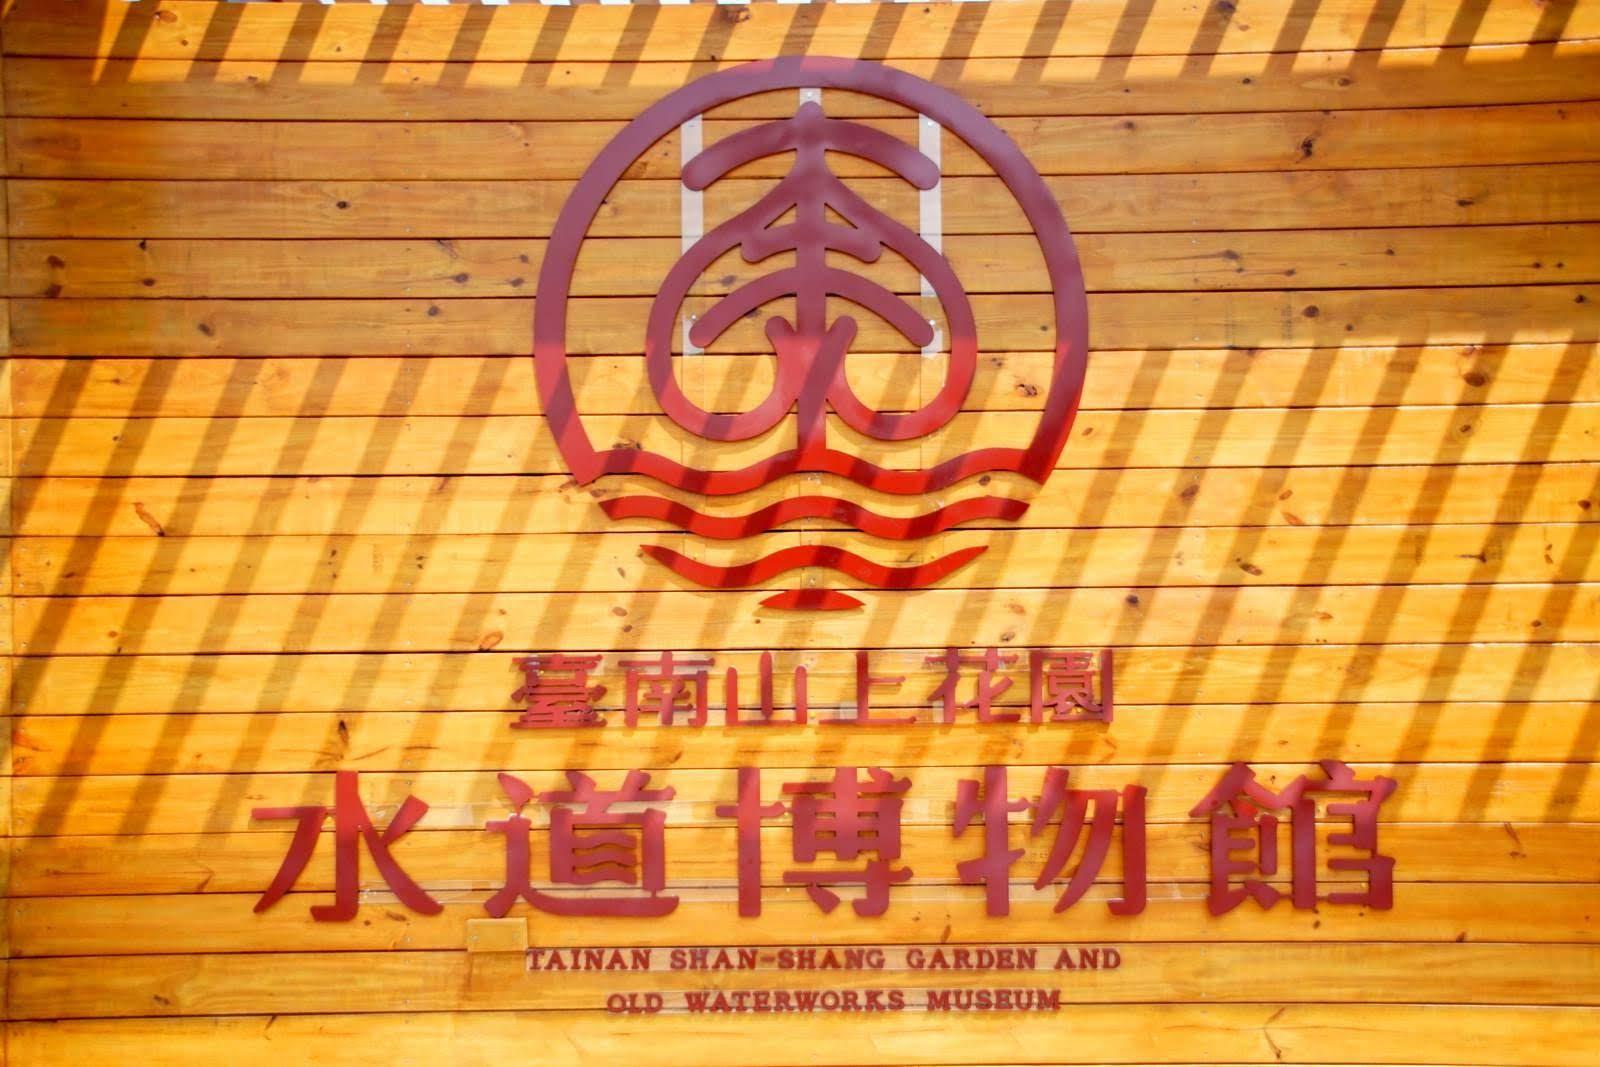 [台南][山上區] 台南山上花園水道博物館-博物館區(原台南水道)|遊記